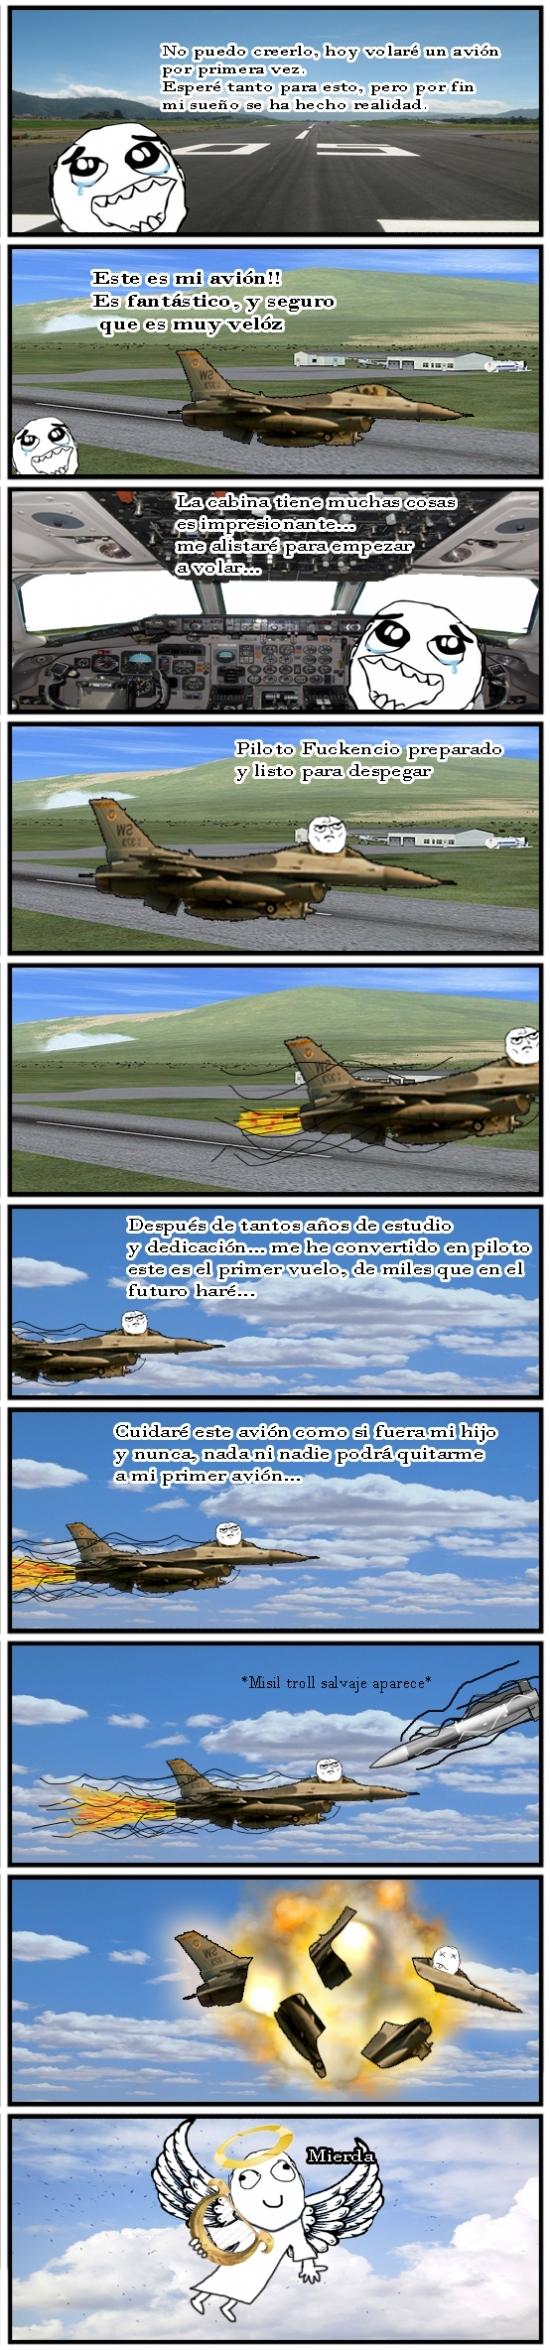 Retarded - Cuando decides ser piloto de combate, estas cosas te pueden pasar